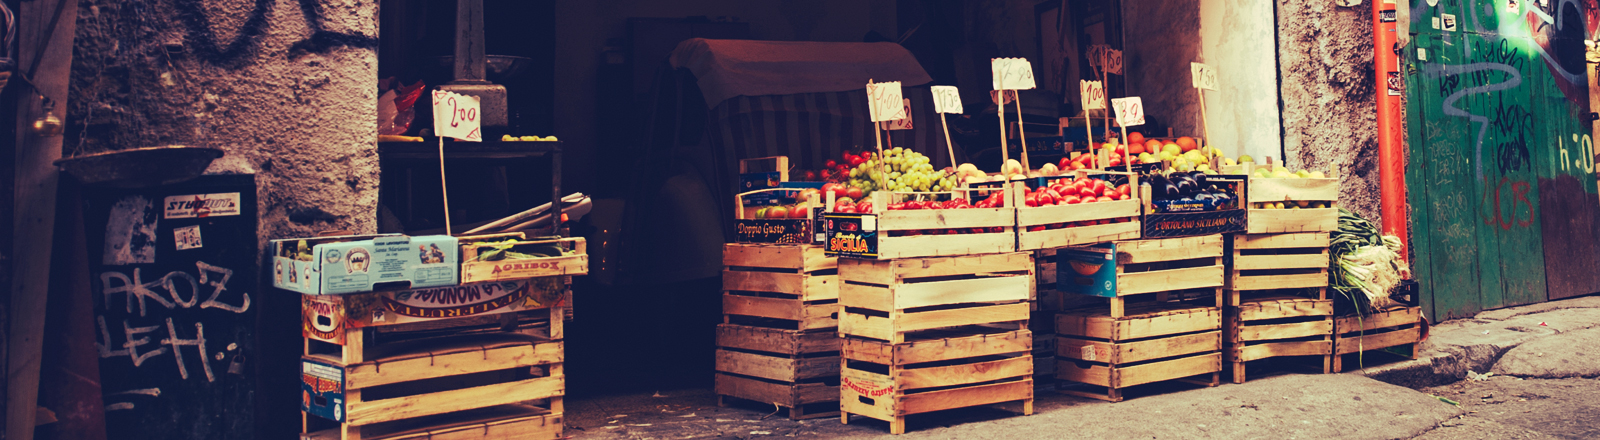 Ein Marktstand mit Holzkisten vor einem offenen Tor.